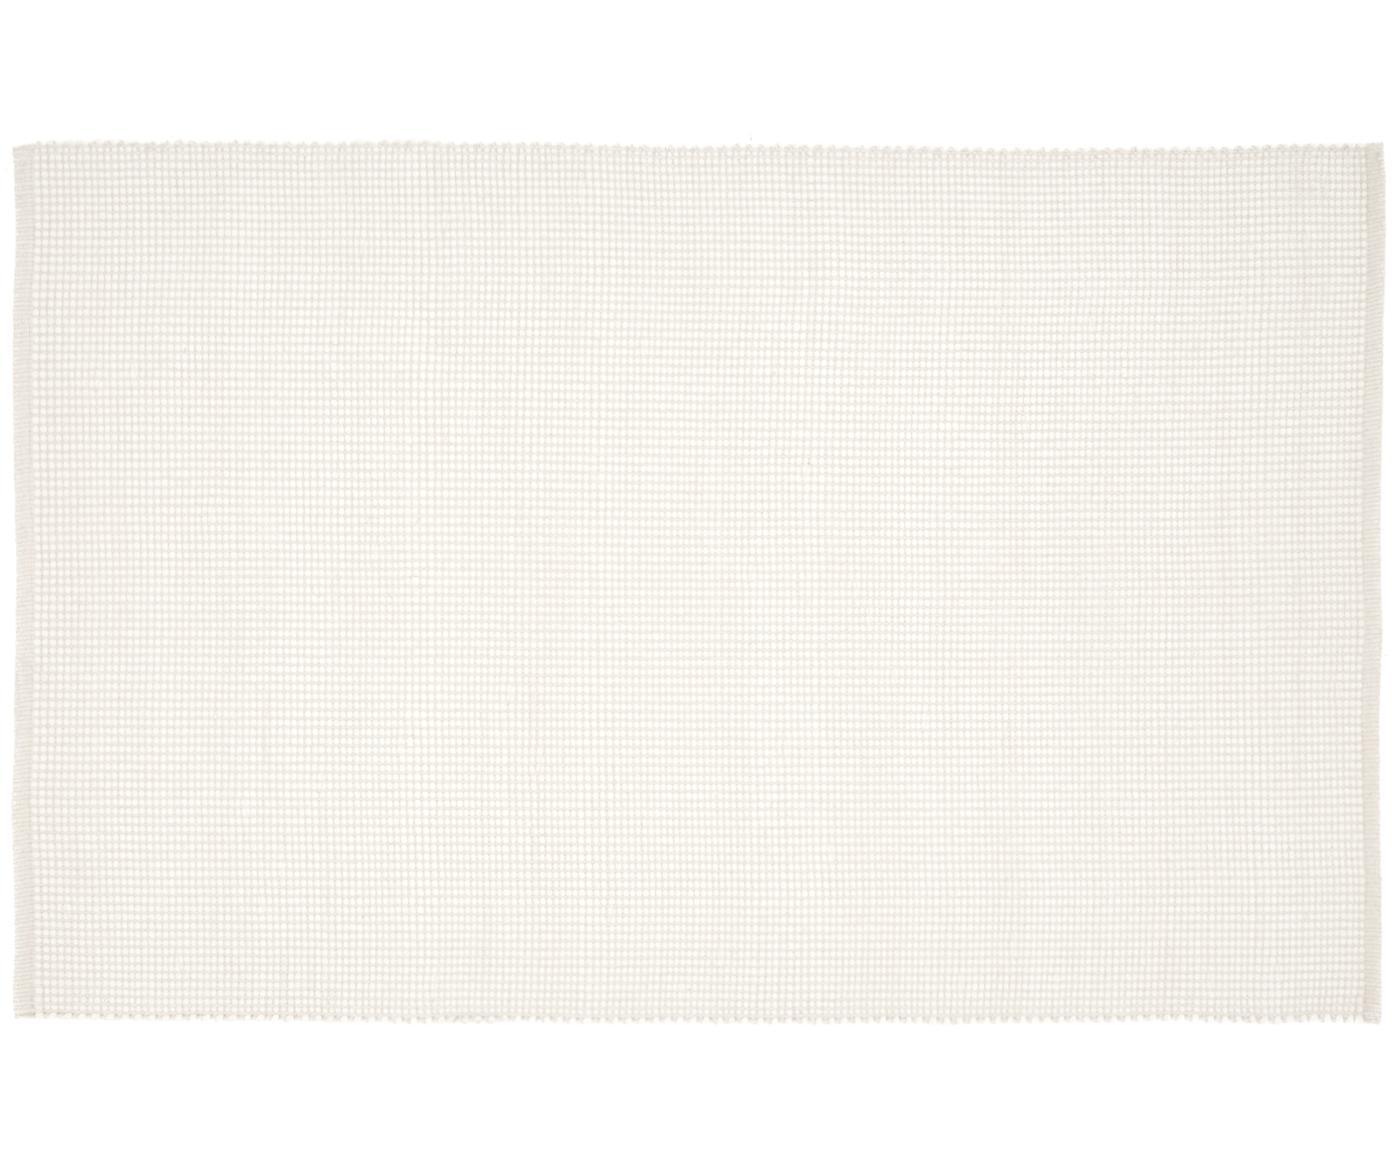 Tappeto in lana tessuto a mano color crema Amaro, Bianco crema, Larg. 120 x Lung. 180 cm (taglia S)